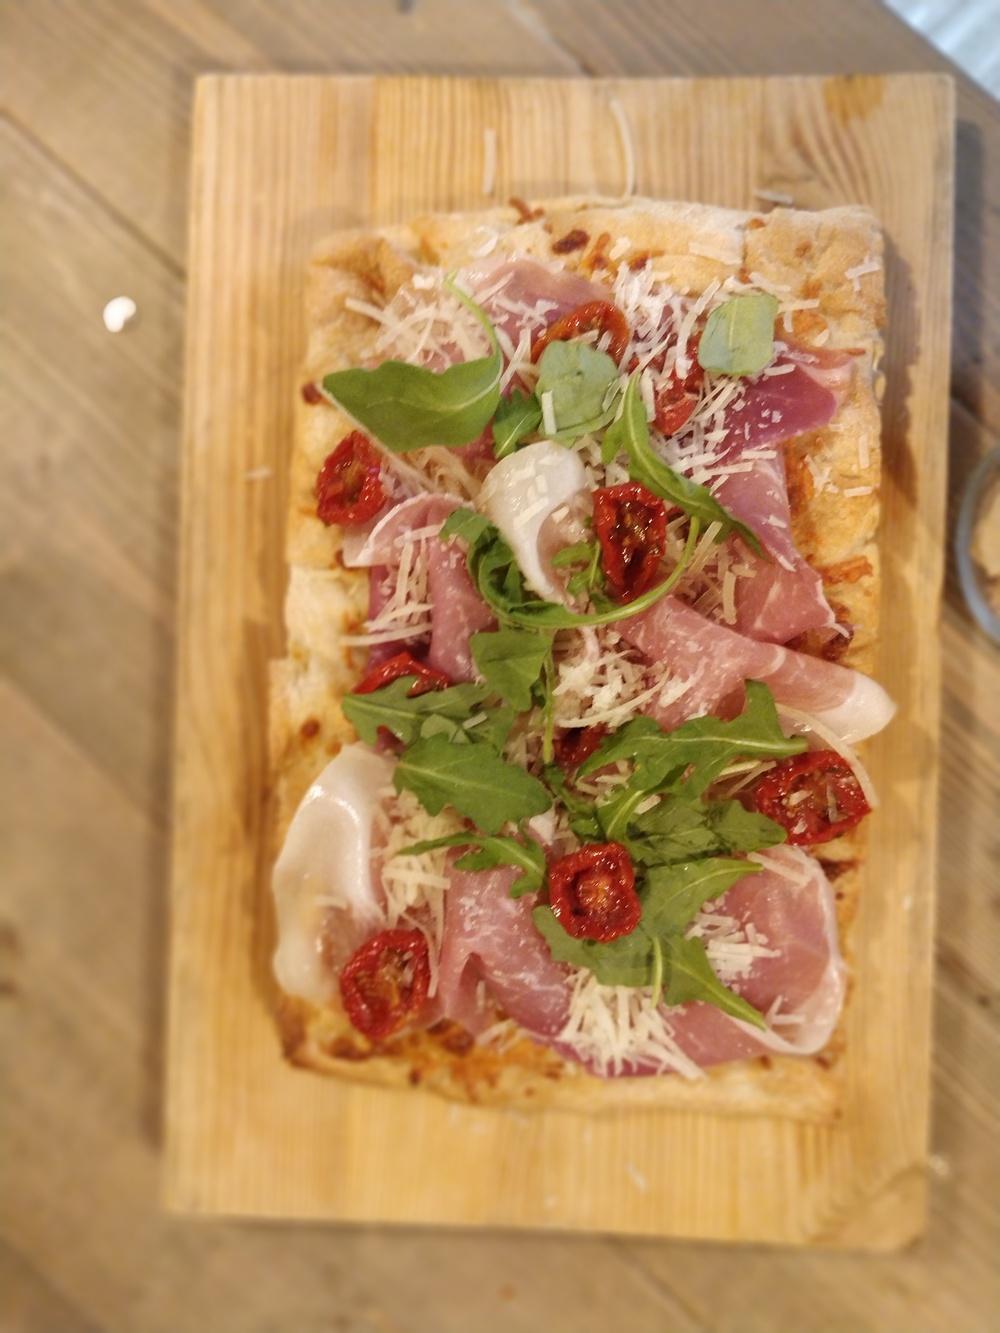 SCROCCHIARELLA PROSCIUTTO Luftigt och frasigt surdegsbröd från Italien med långlagrad ost och mozzarella, toppad med prosciutto, semitorkade tomater och ruccola. 99 kr